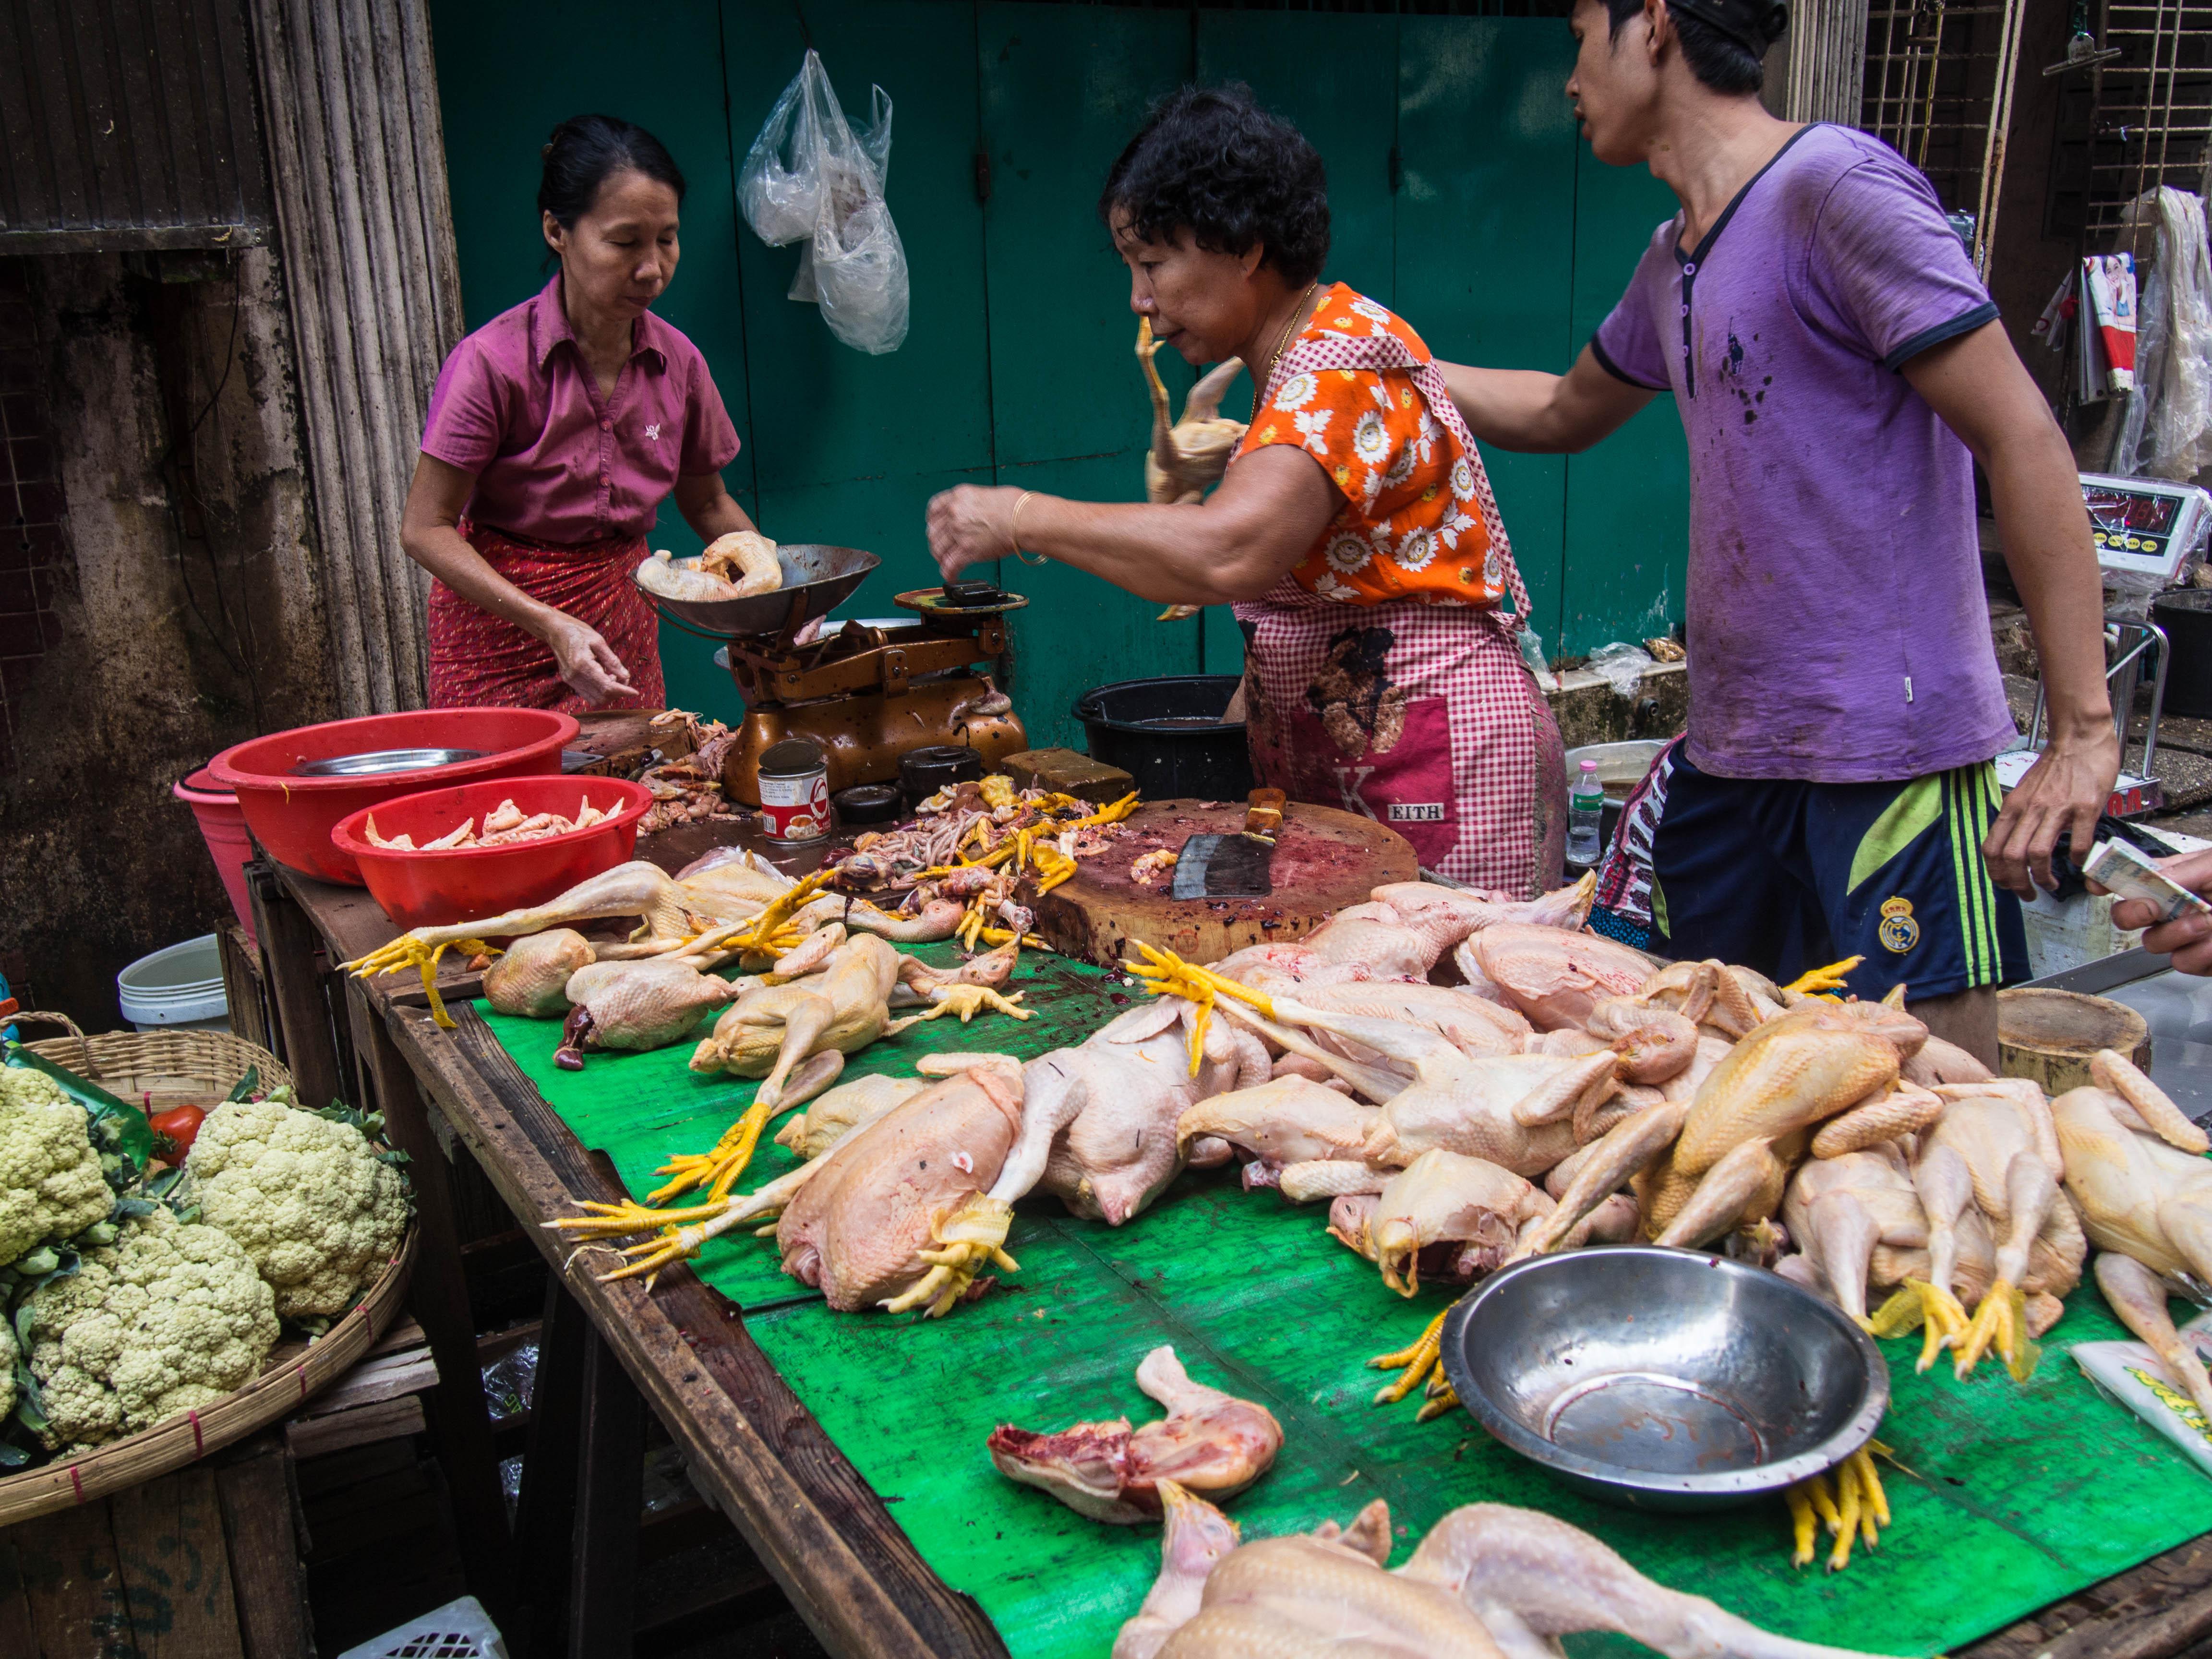 mieszkańcy Rangunu, zwiedzanie Birmy informacje praktyczne